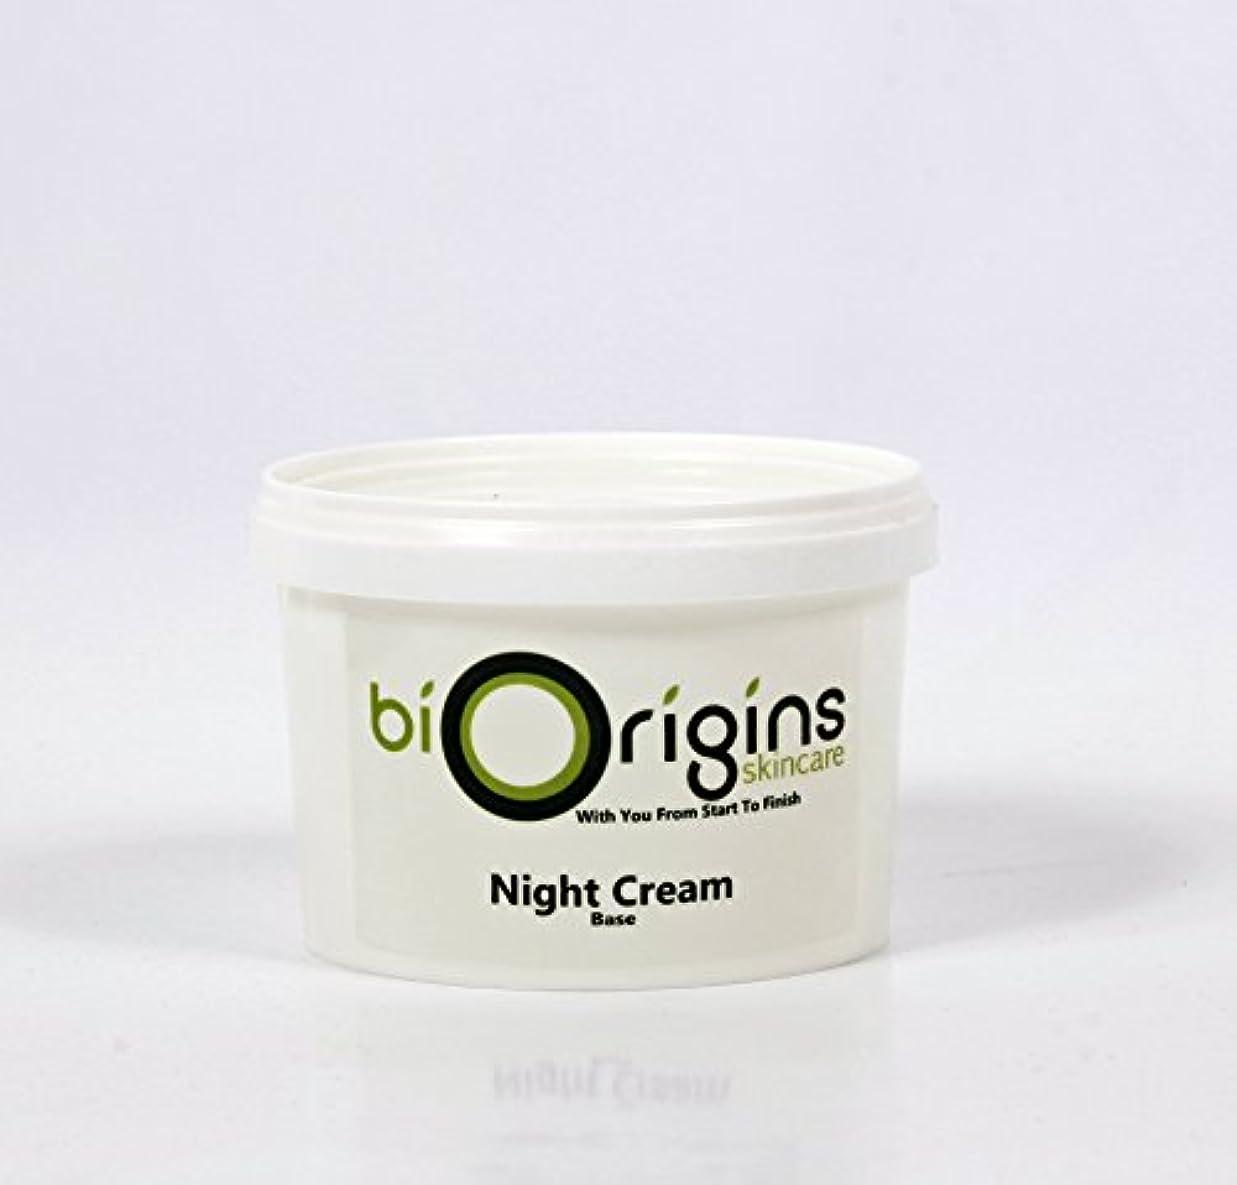 明確な明確な民兵Night Cream - Botanical Skincare Base - 500g